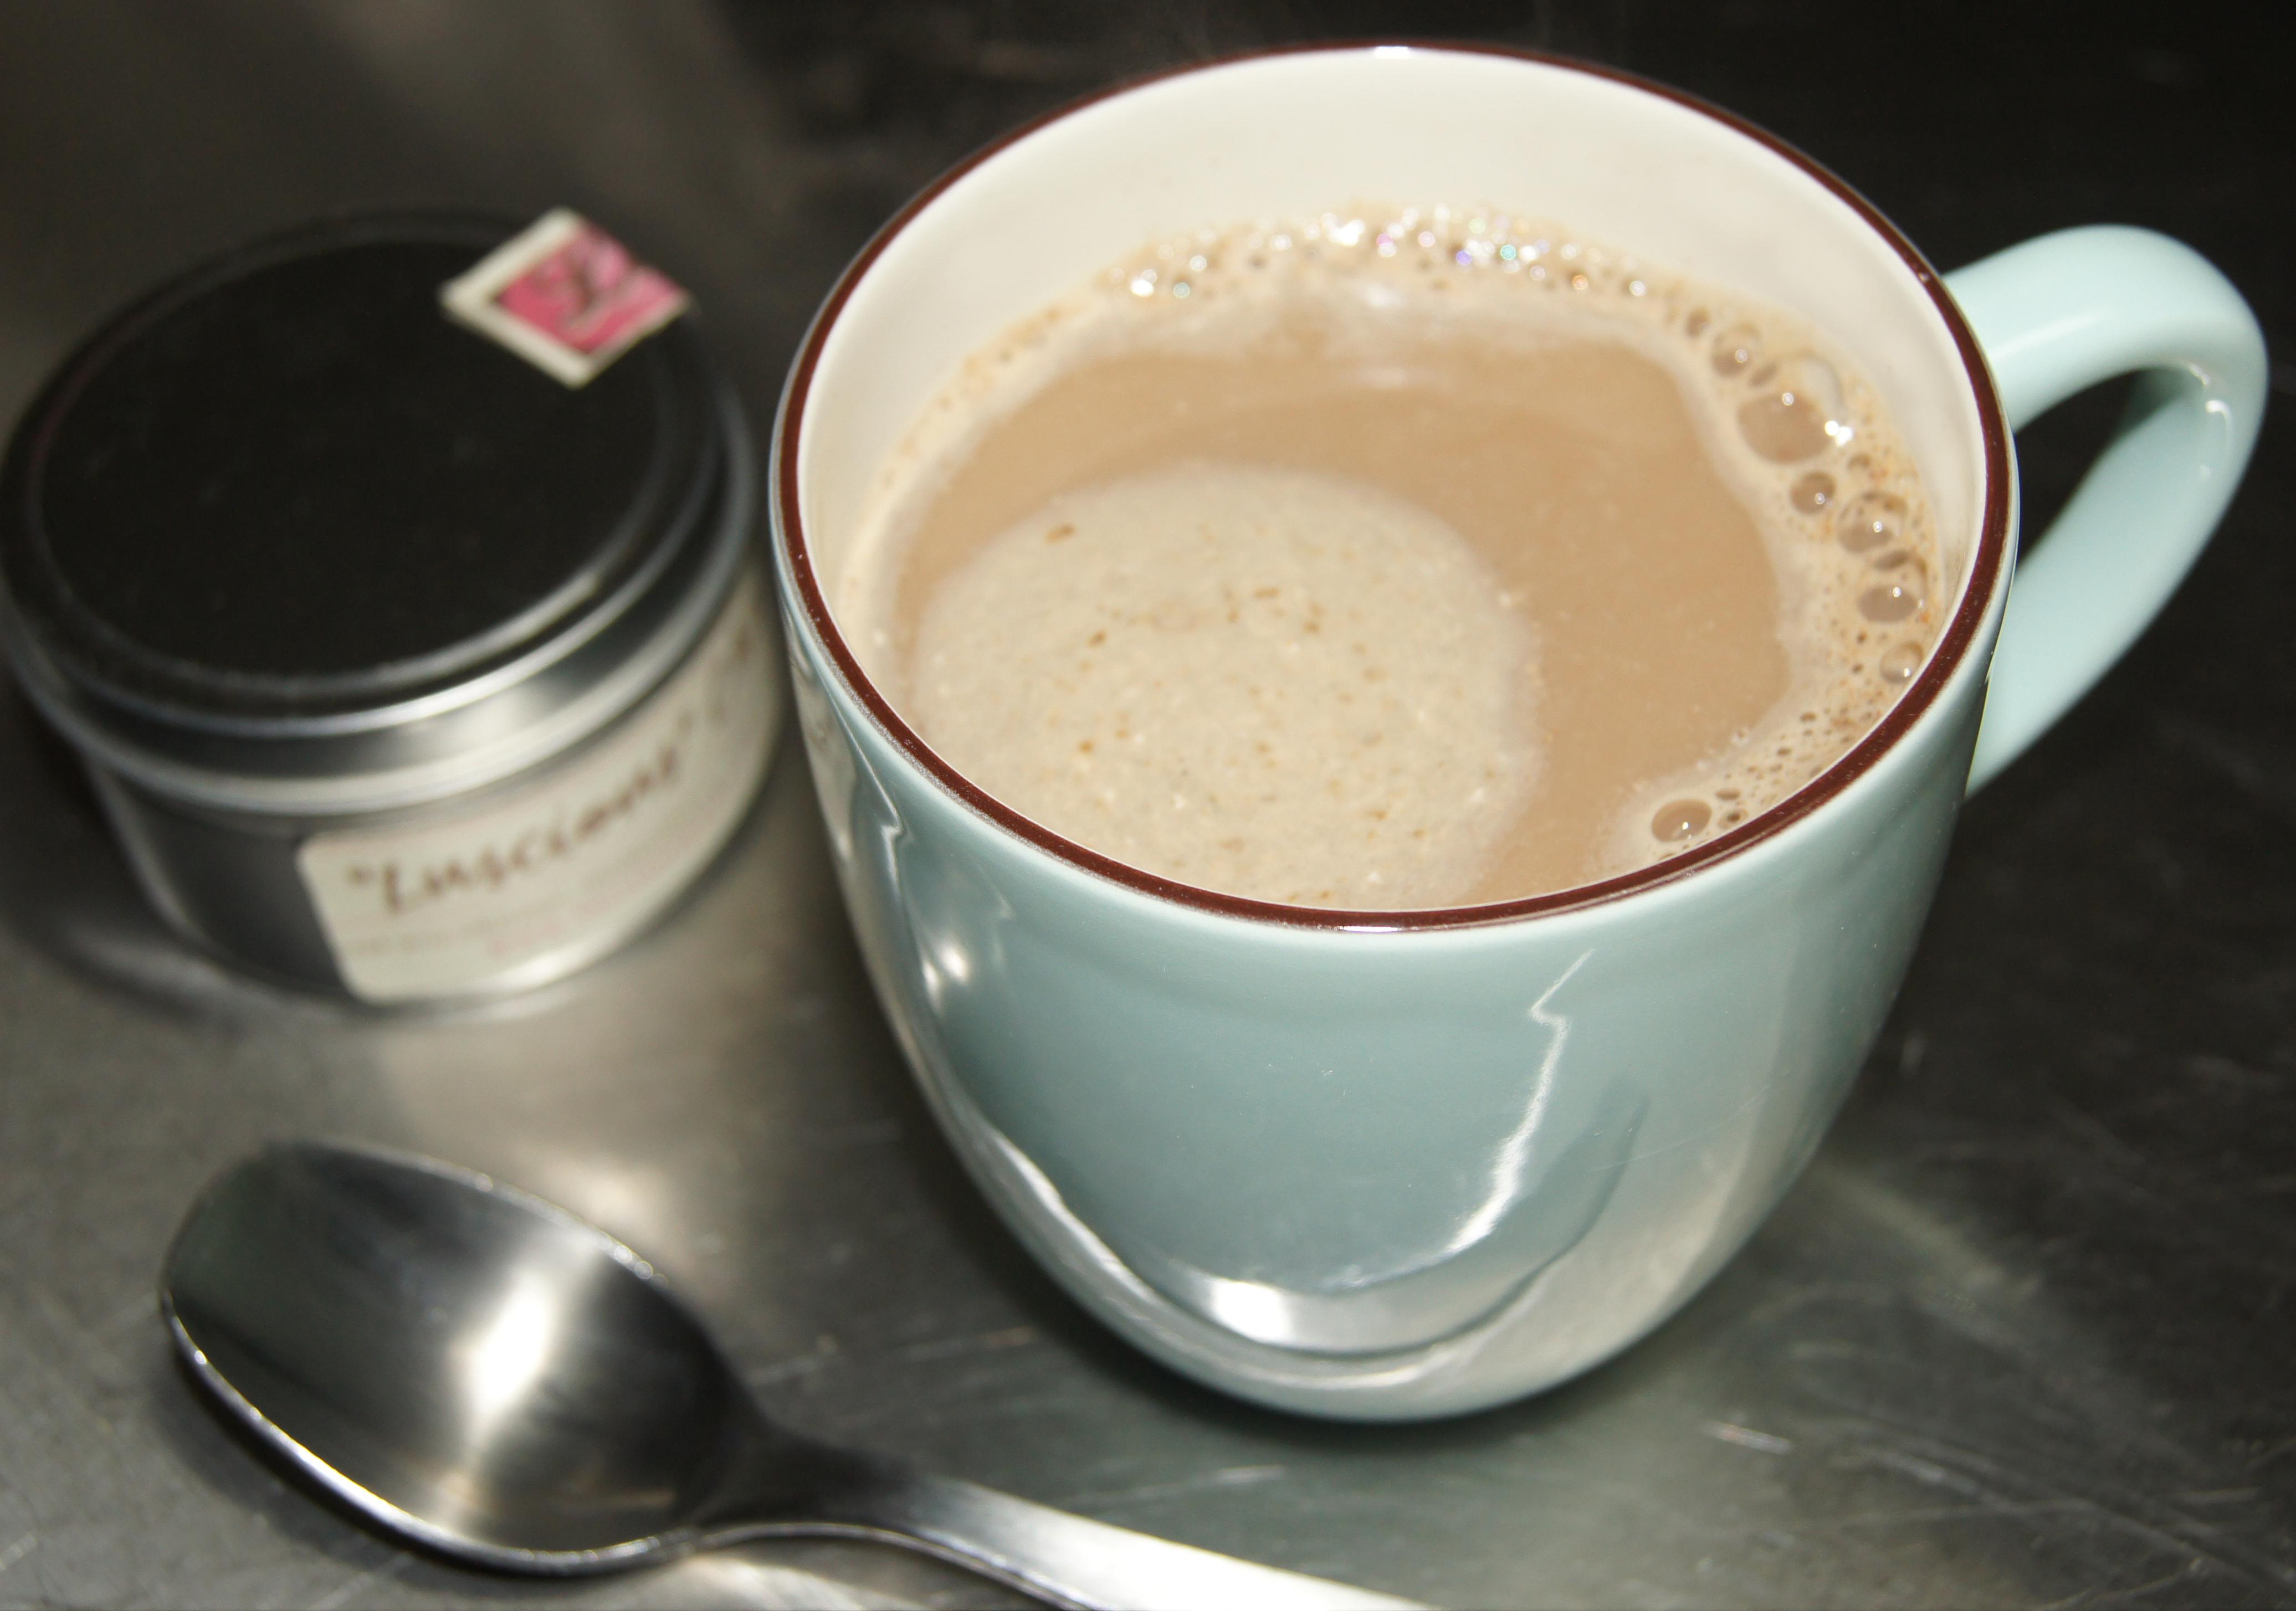 chai chai recipe chow com chai me faqs julie s chai chai photo chai ...